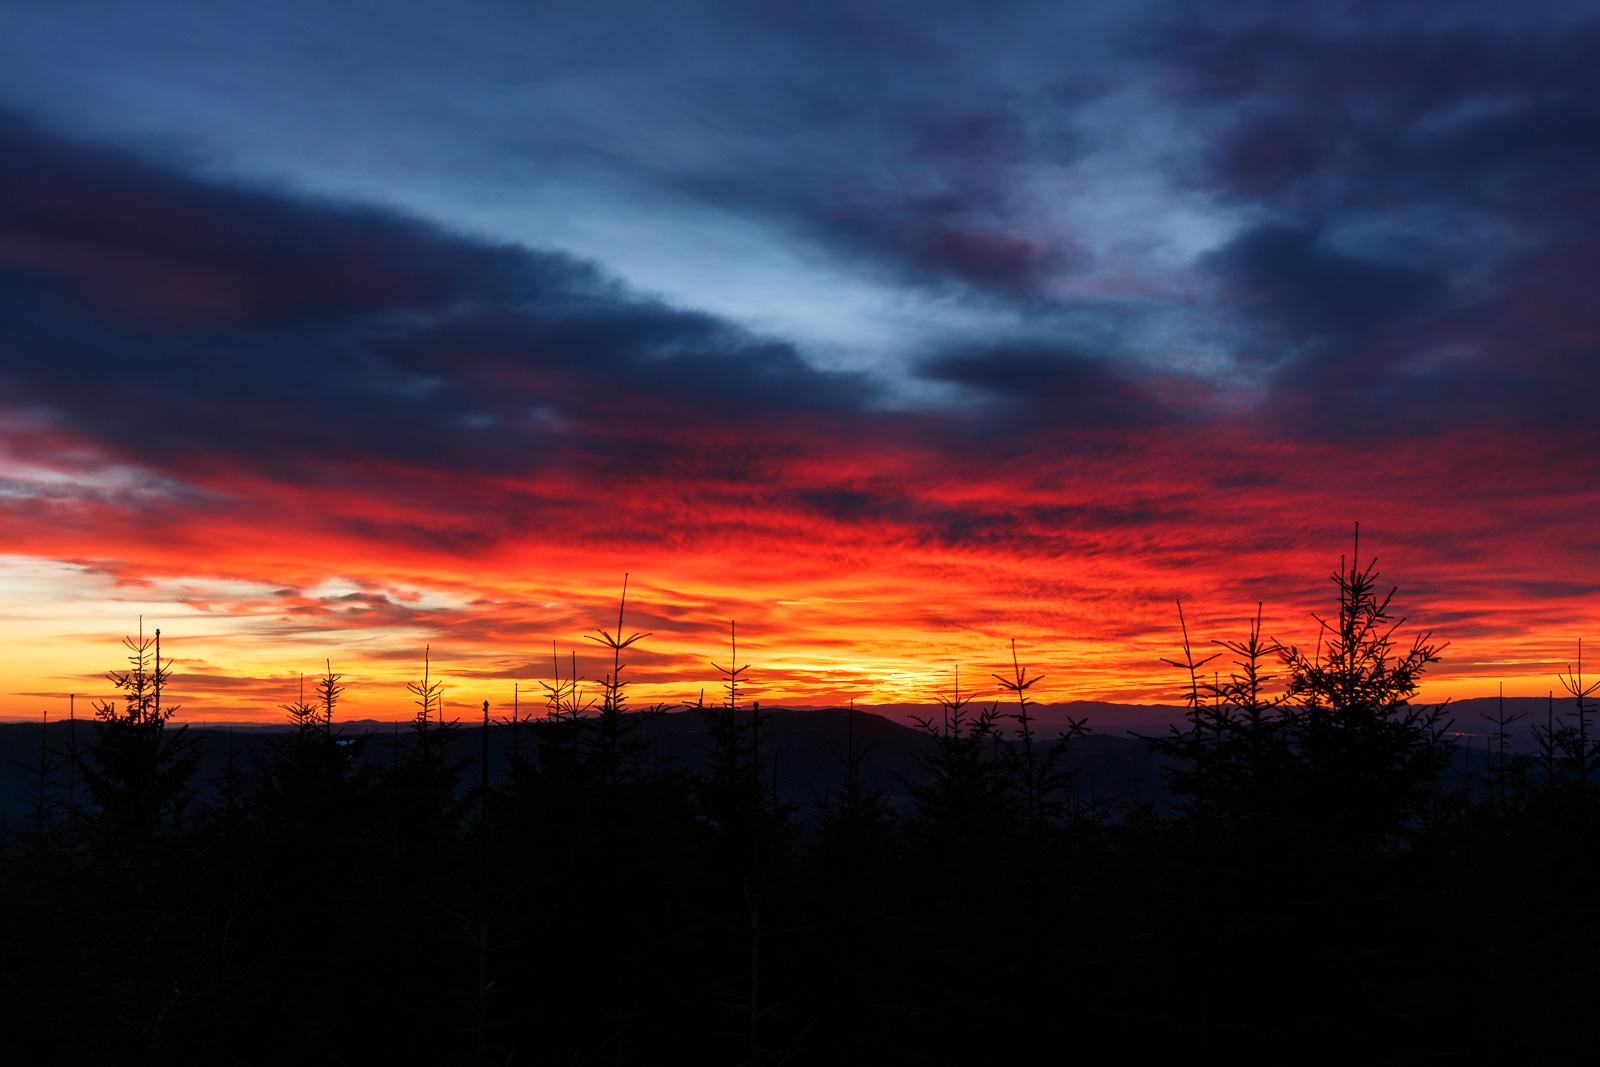 Der letzte Sonnenuntergang im Jahr 2017 zeigt sich noch einmal von seiner allerbesten Seite!